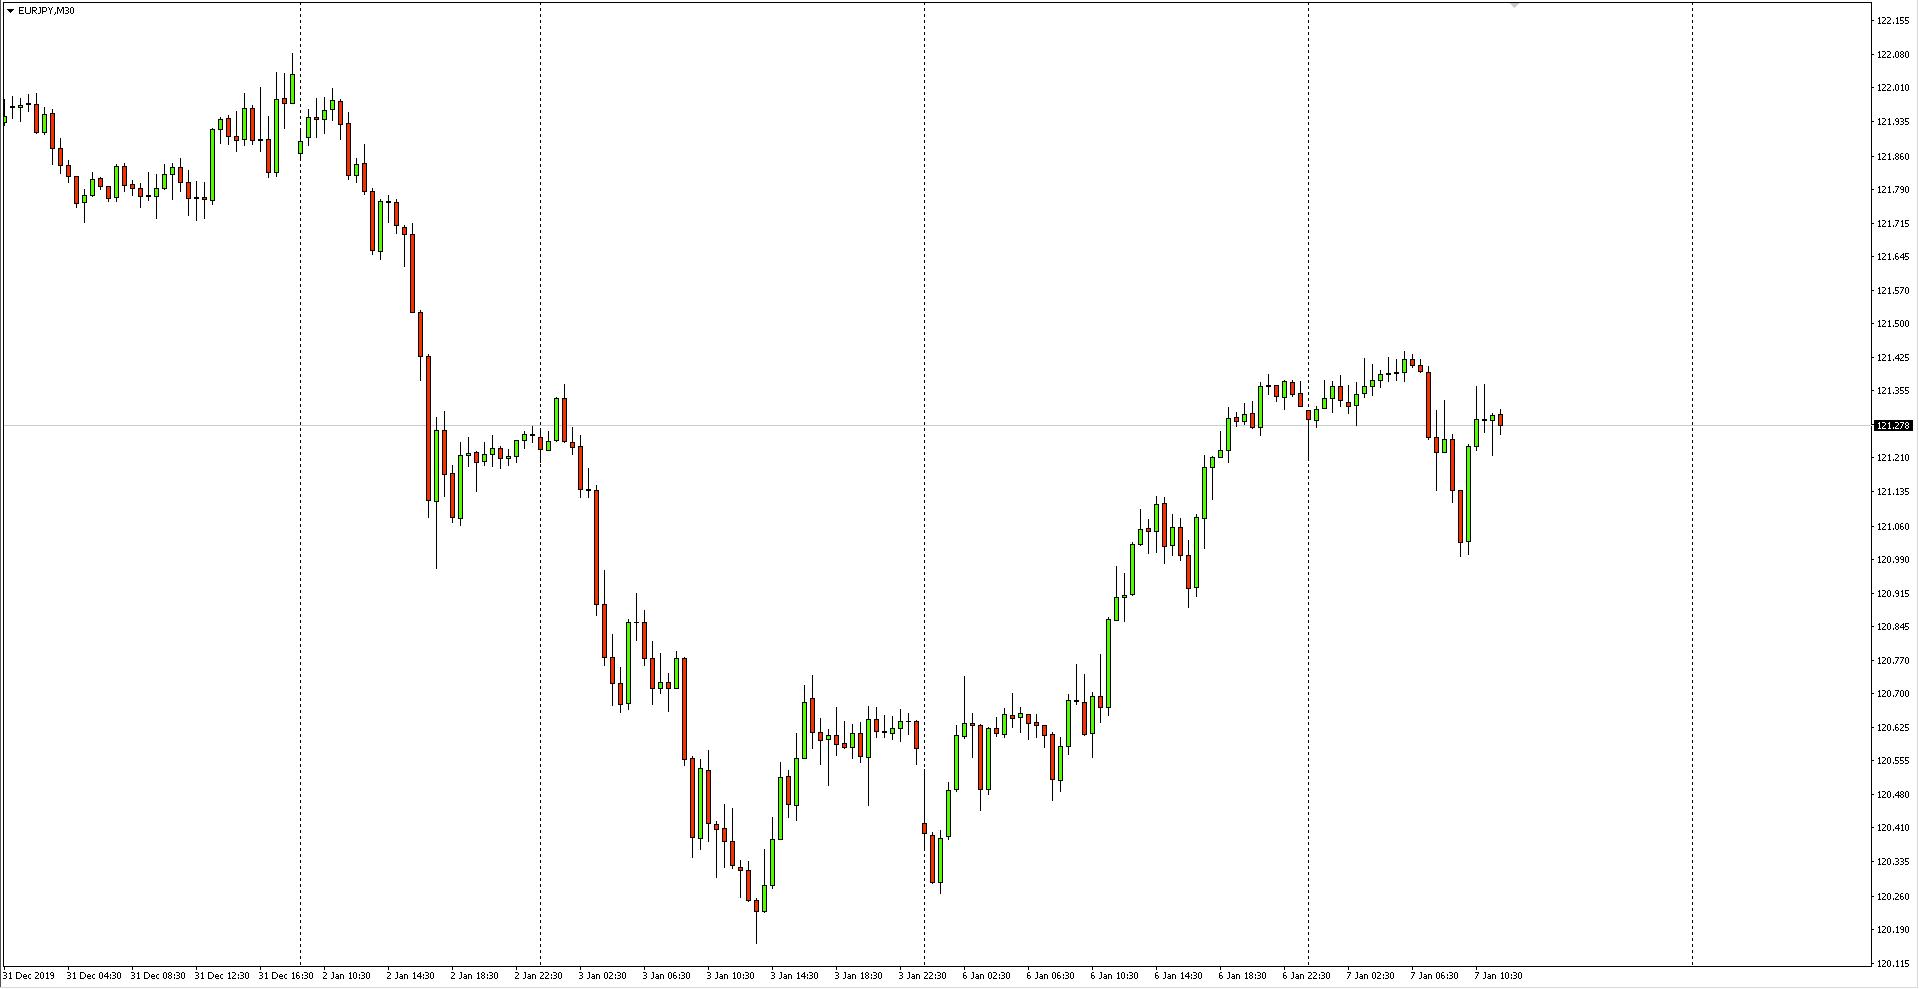 Wykres 30-minutowy pary walutowej EURJPY - 07.01.2020 r.